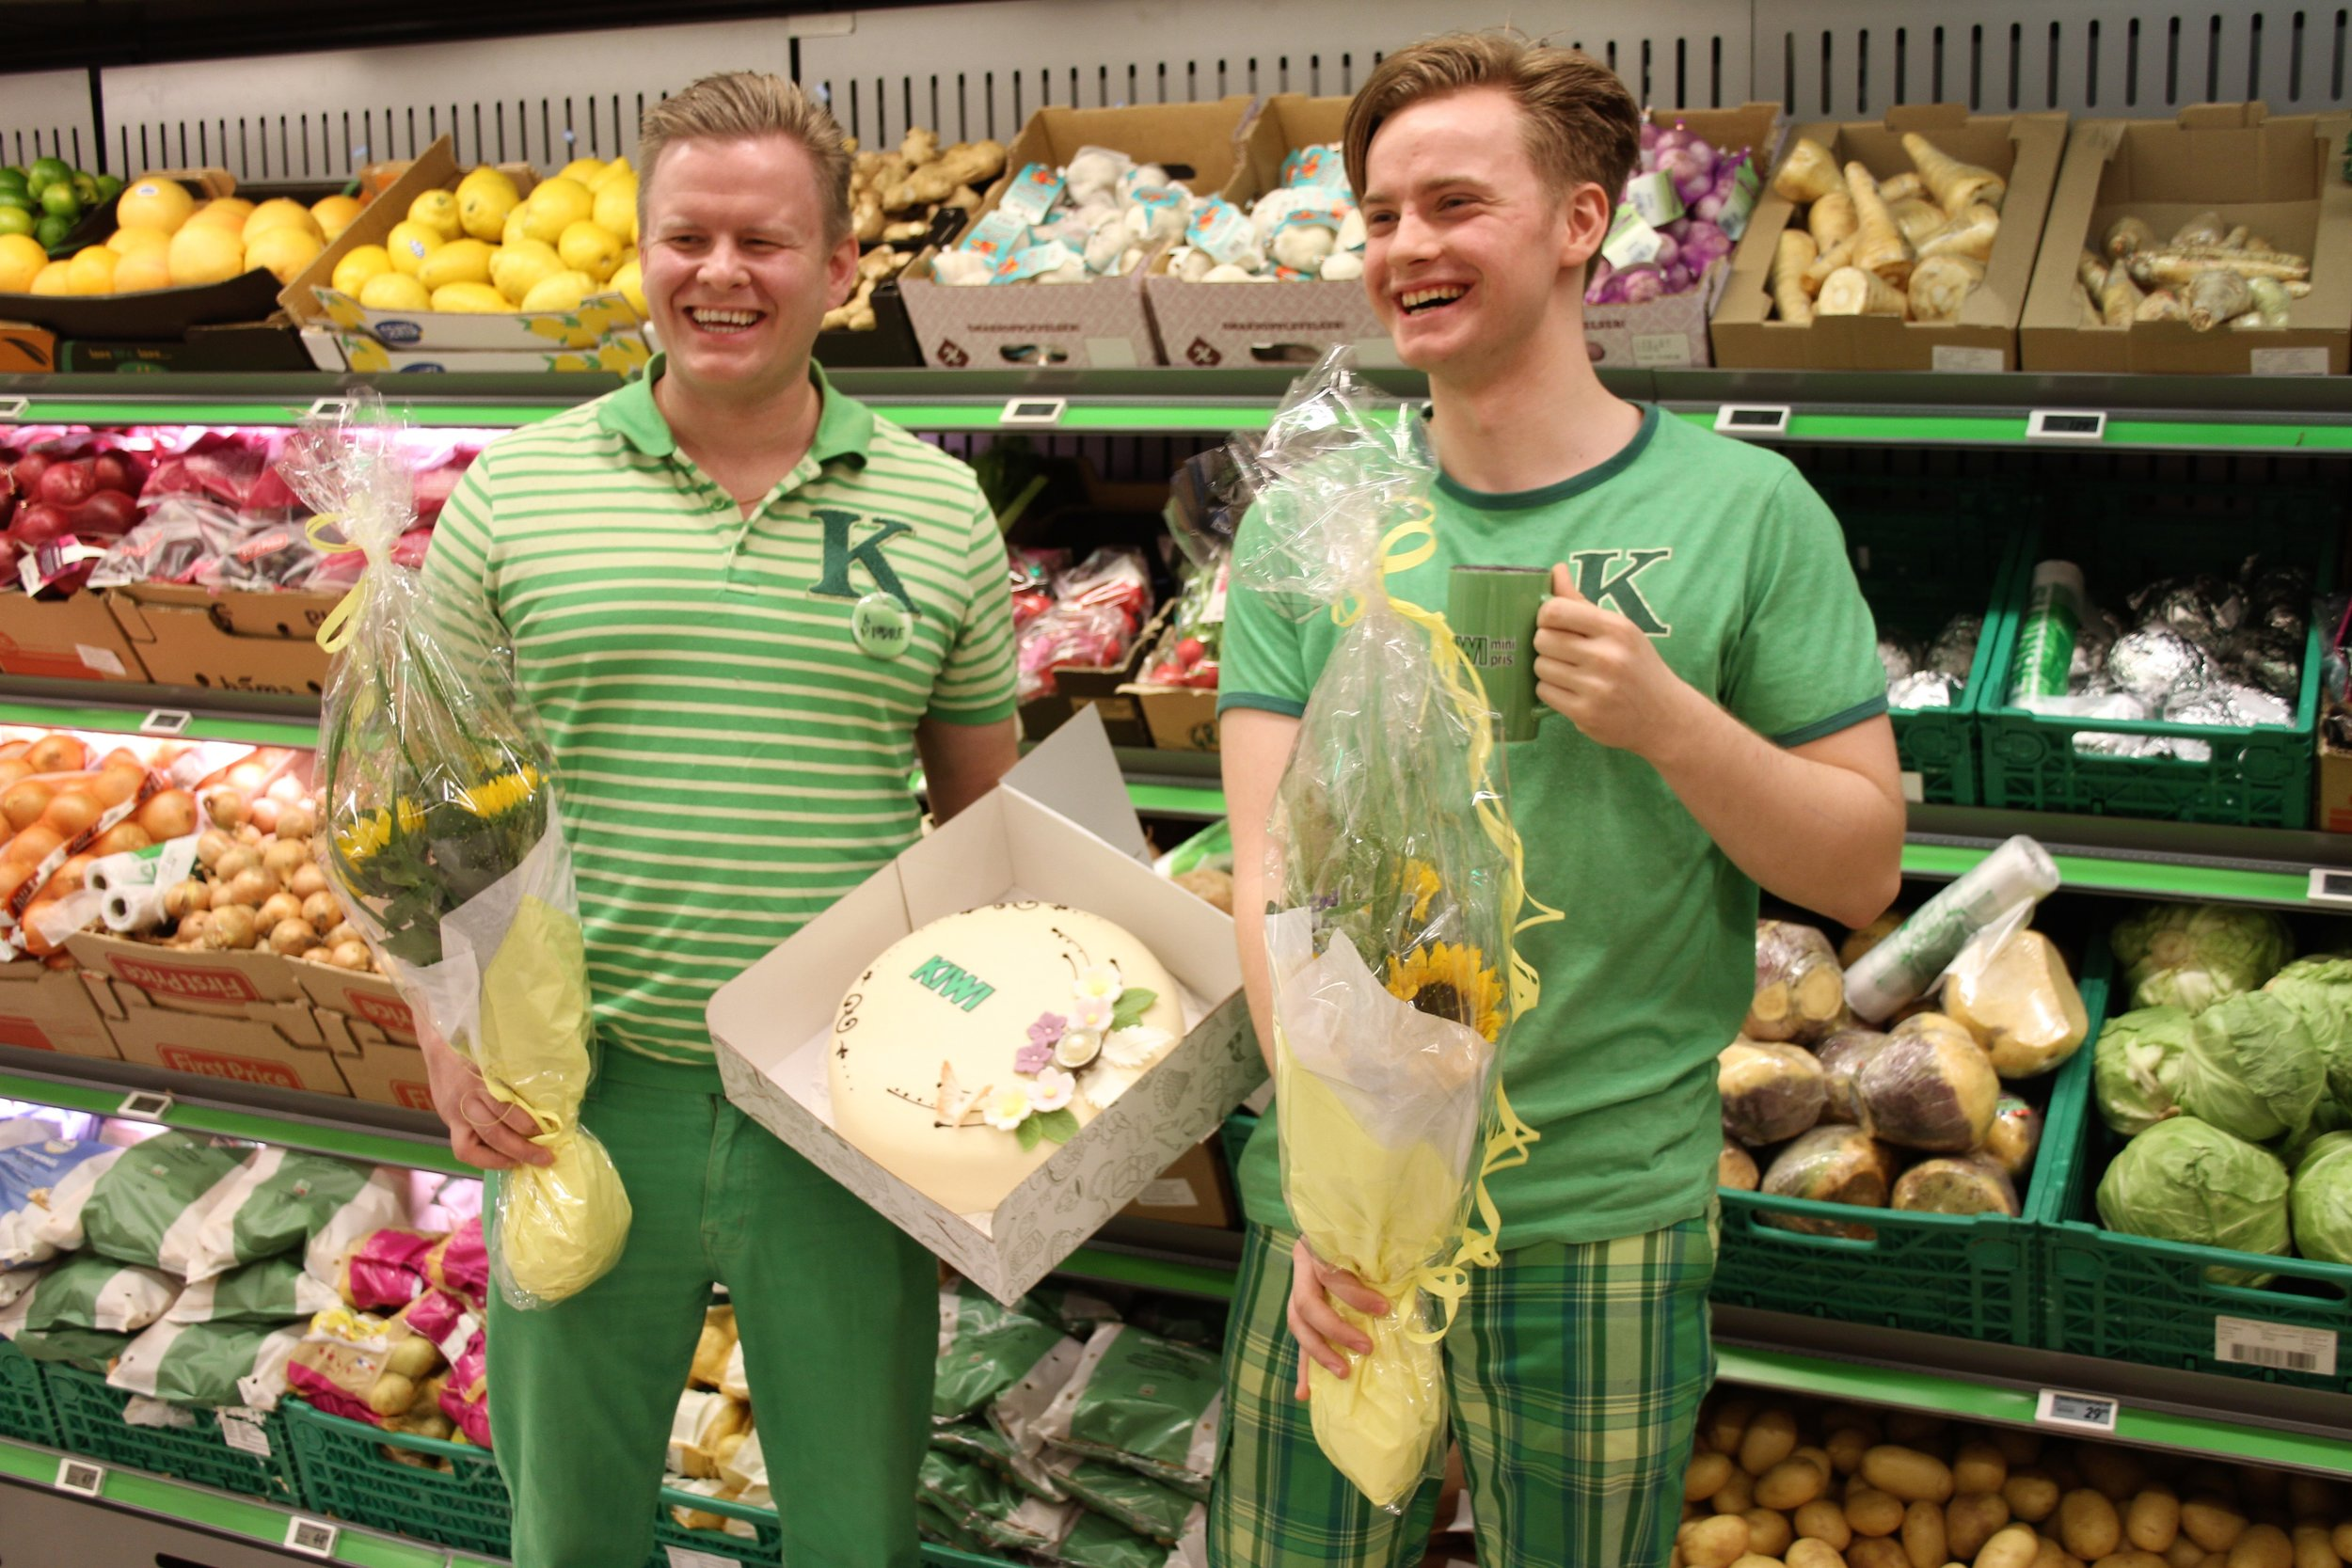 Fra venstre: butikksjef Sindre Holen Otterstad og Kim, nytilsatt på KIWI gjennom HELT MED